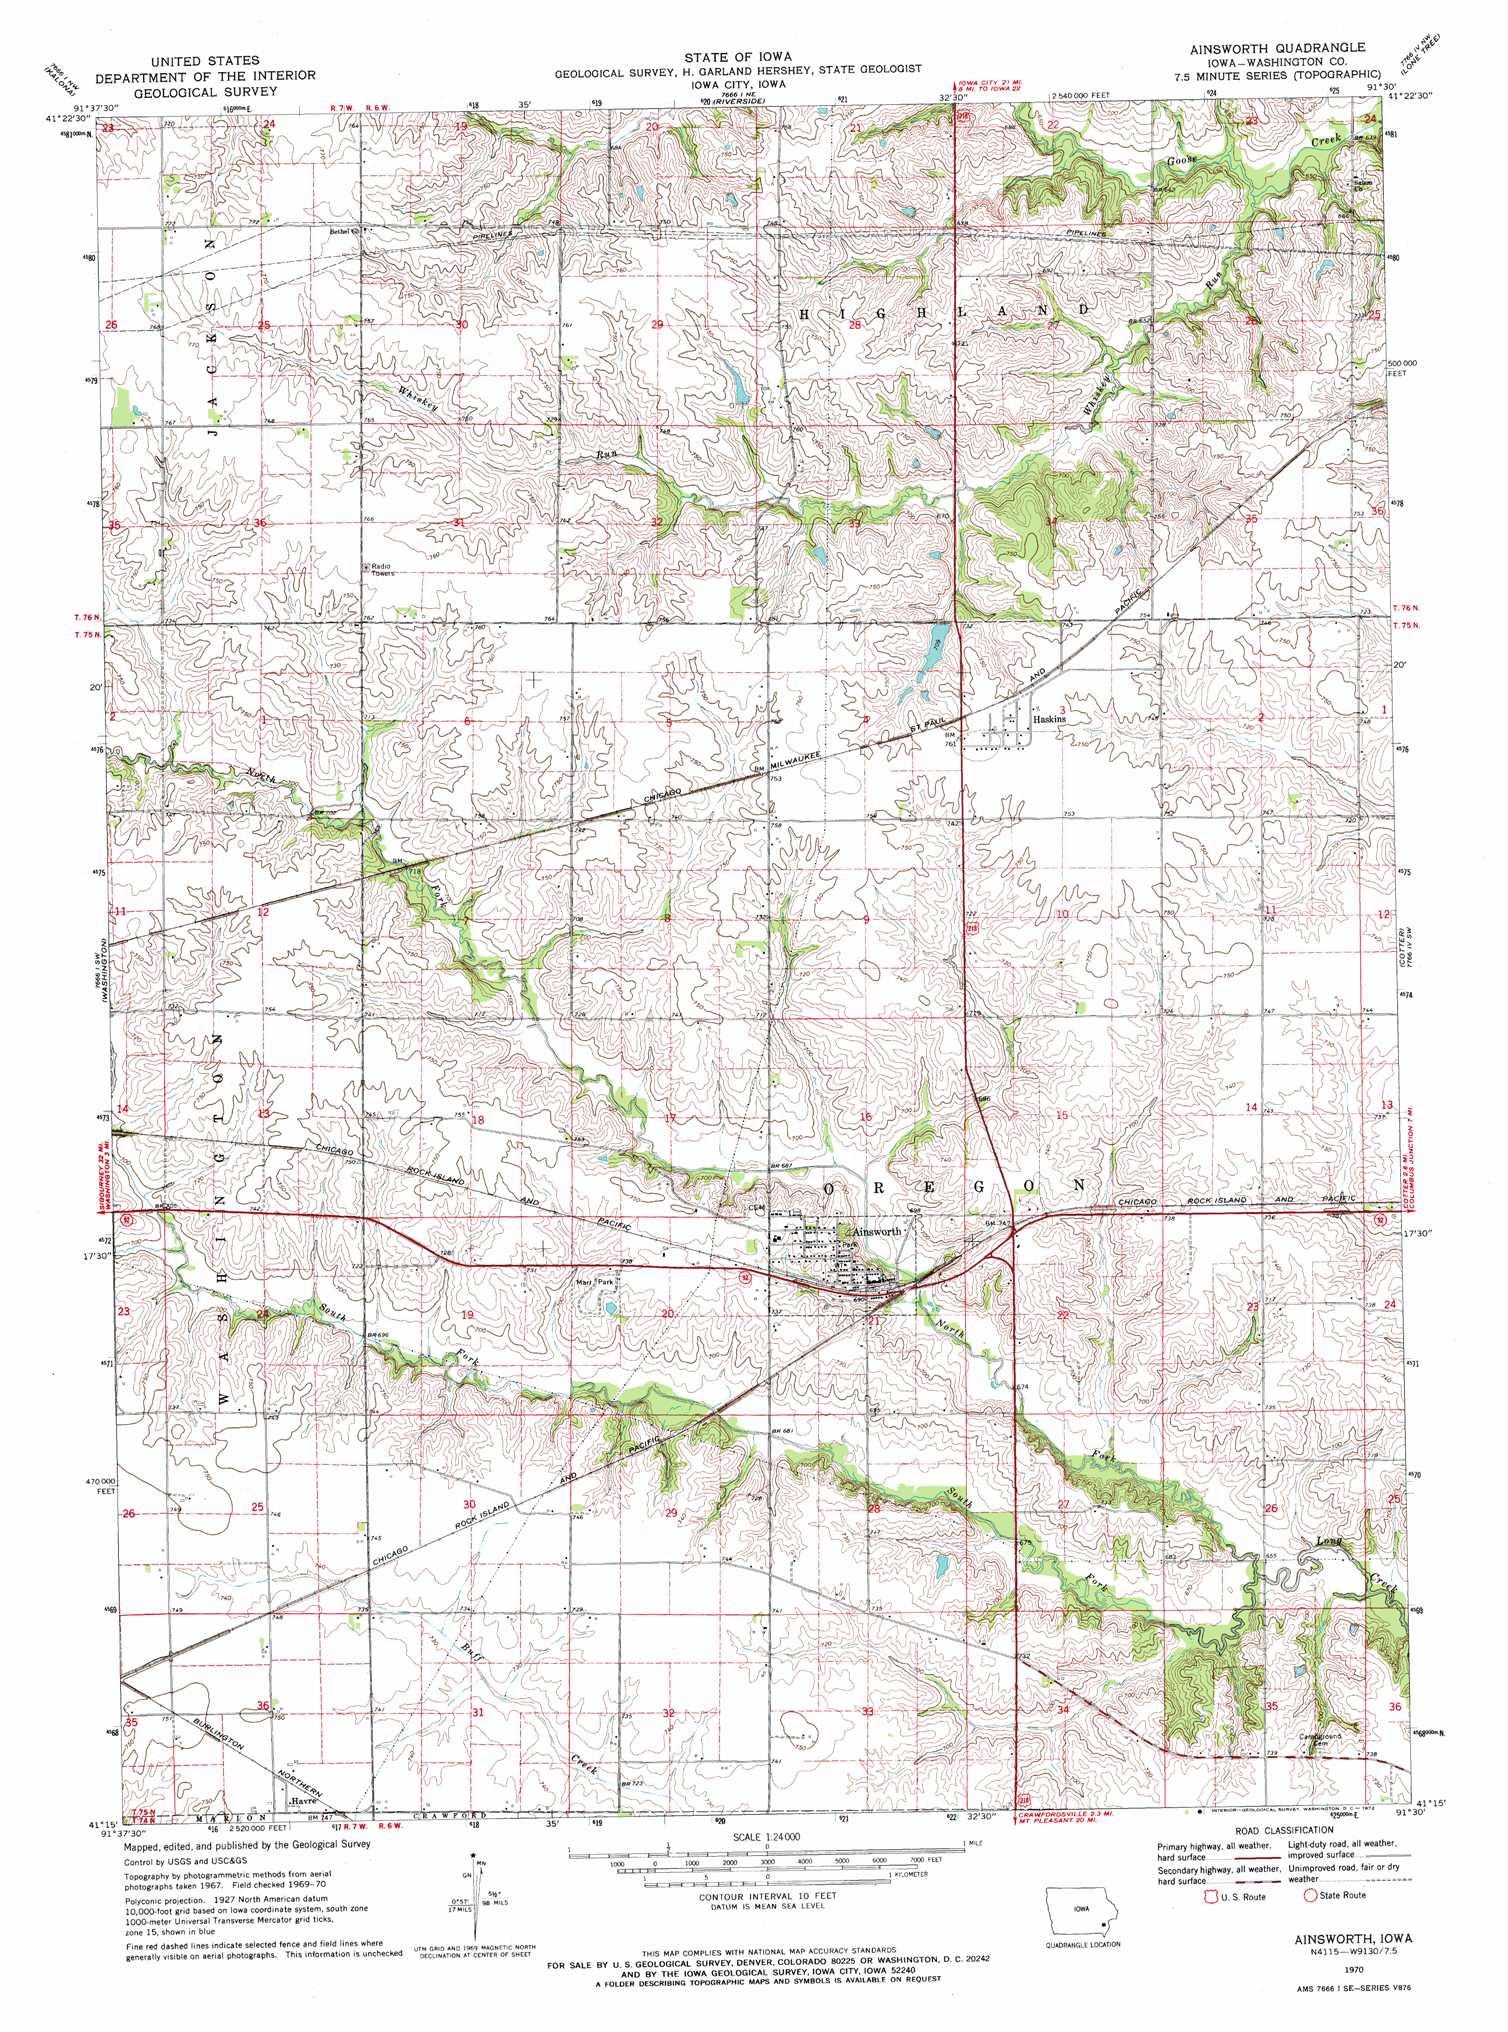 Ainsworth topographic map, IA - USGS Topo Quad 41091c5